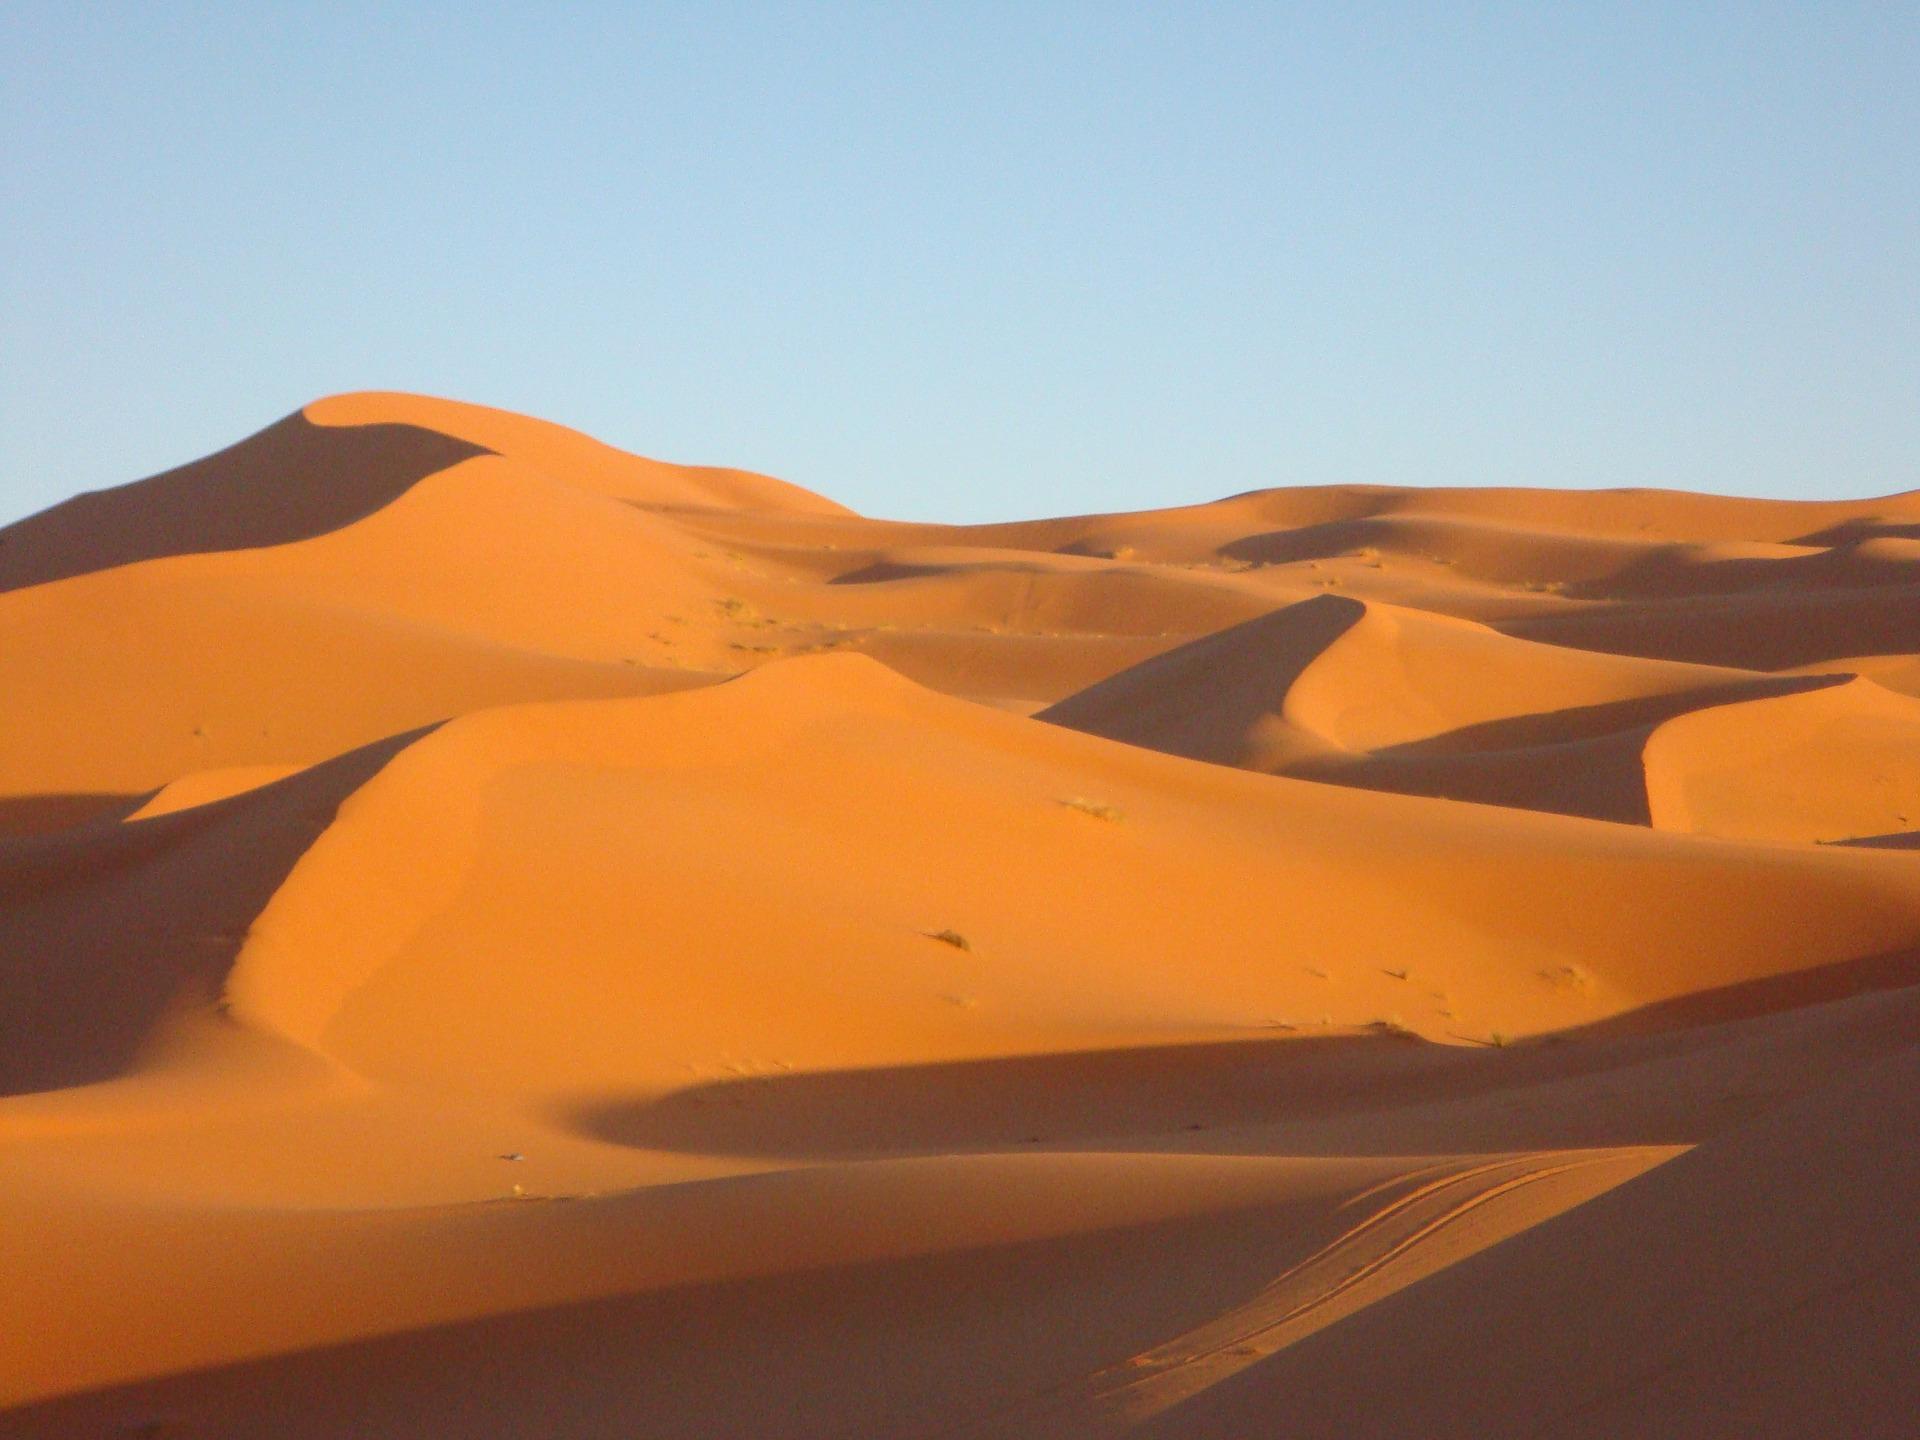 desert-1297068_1920